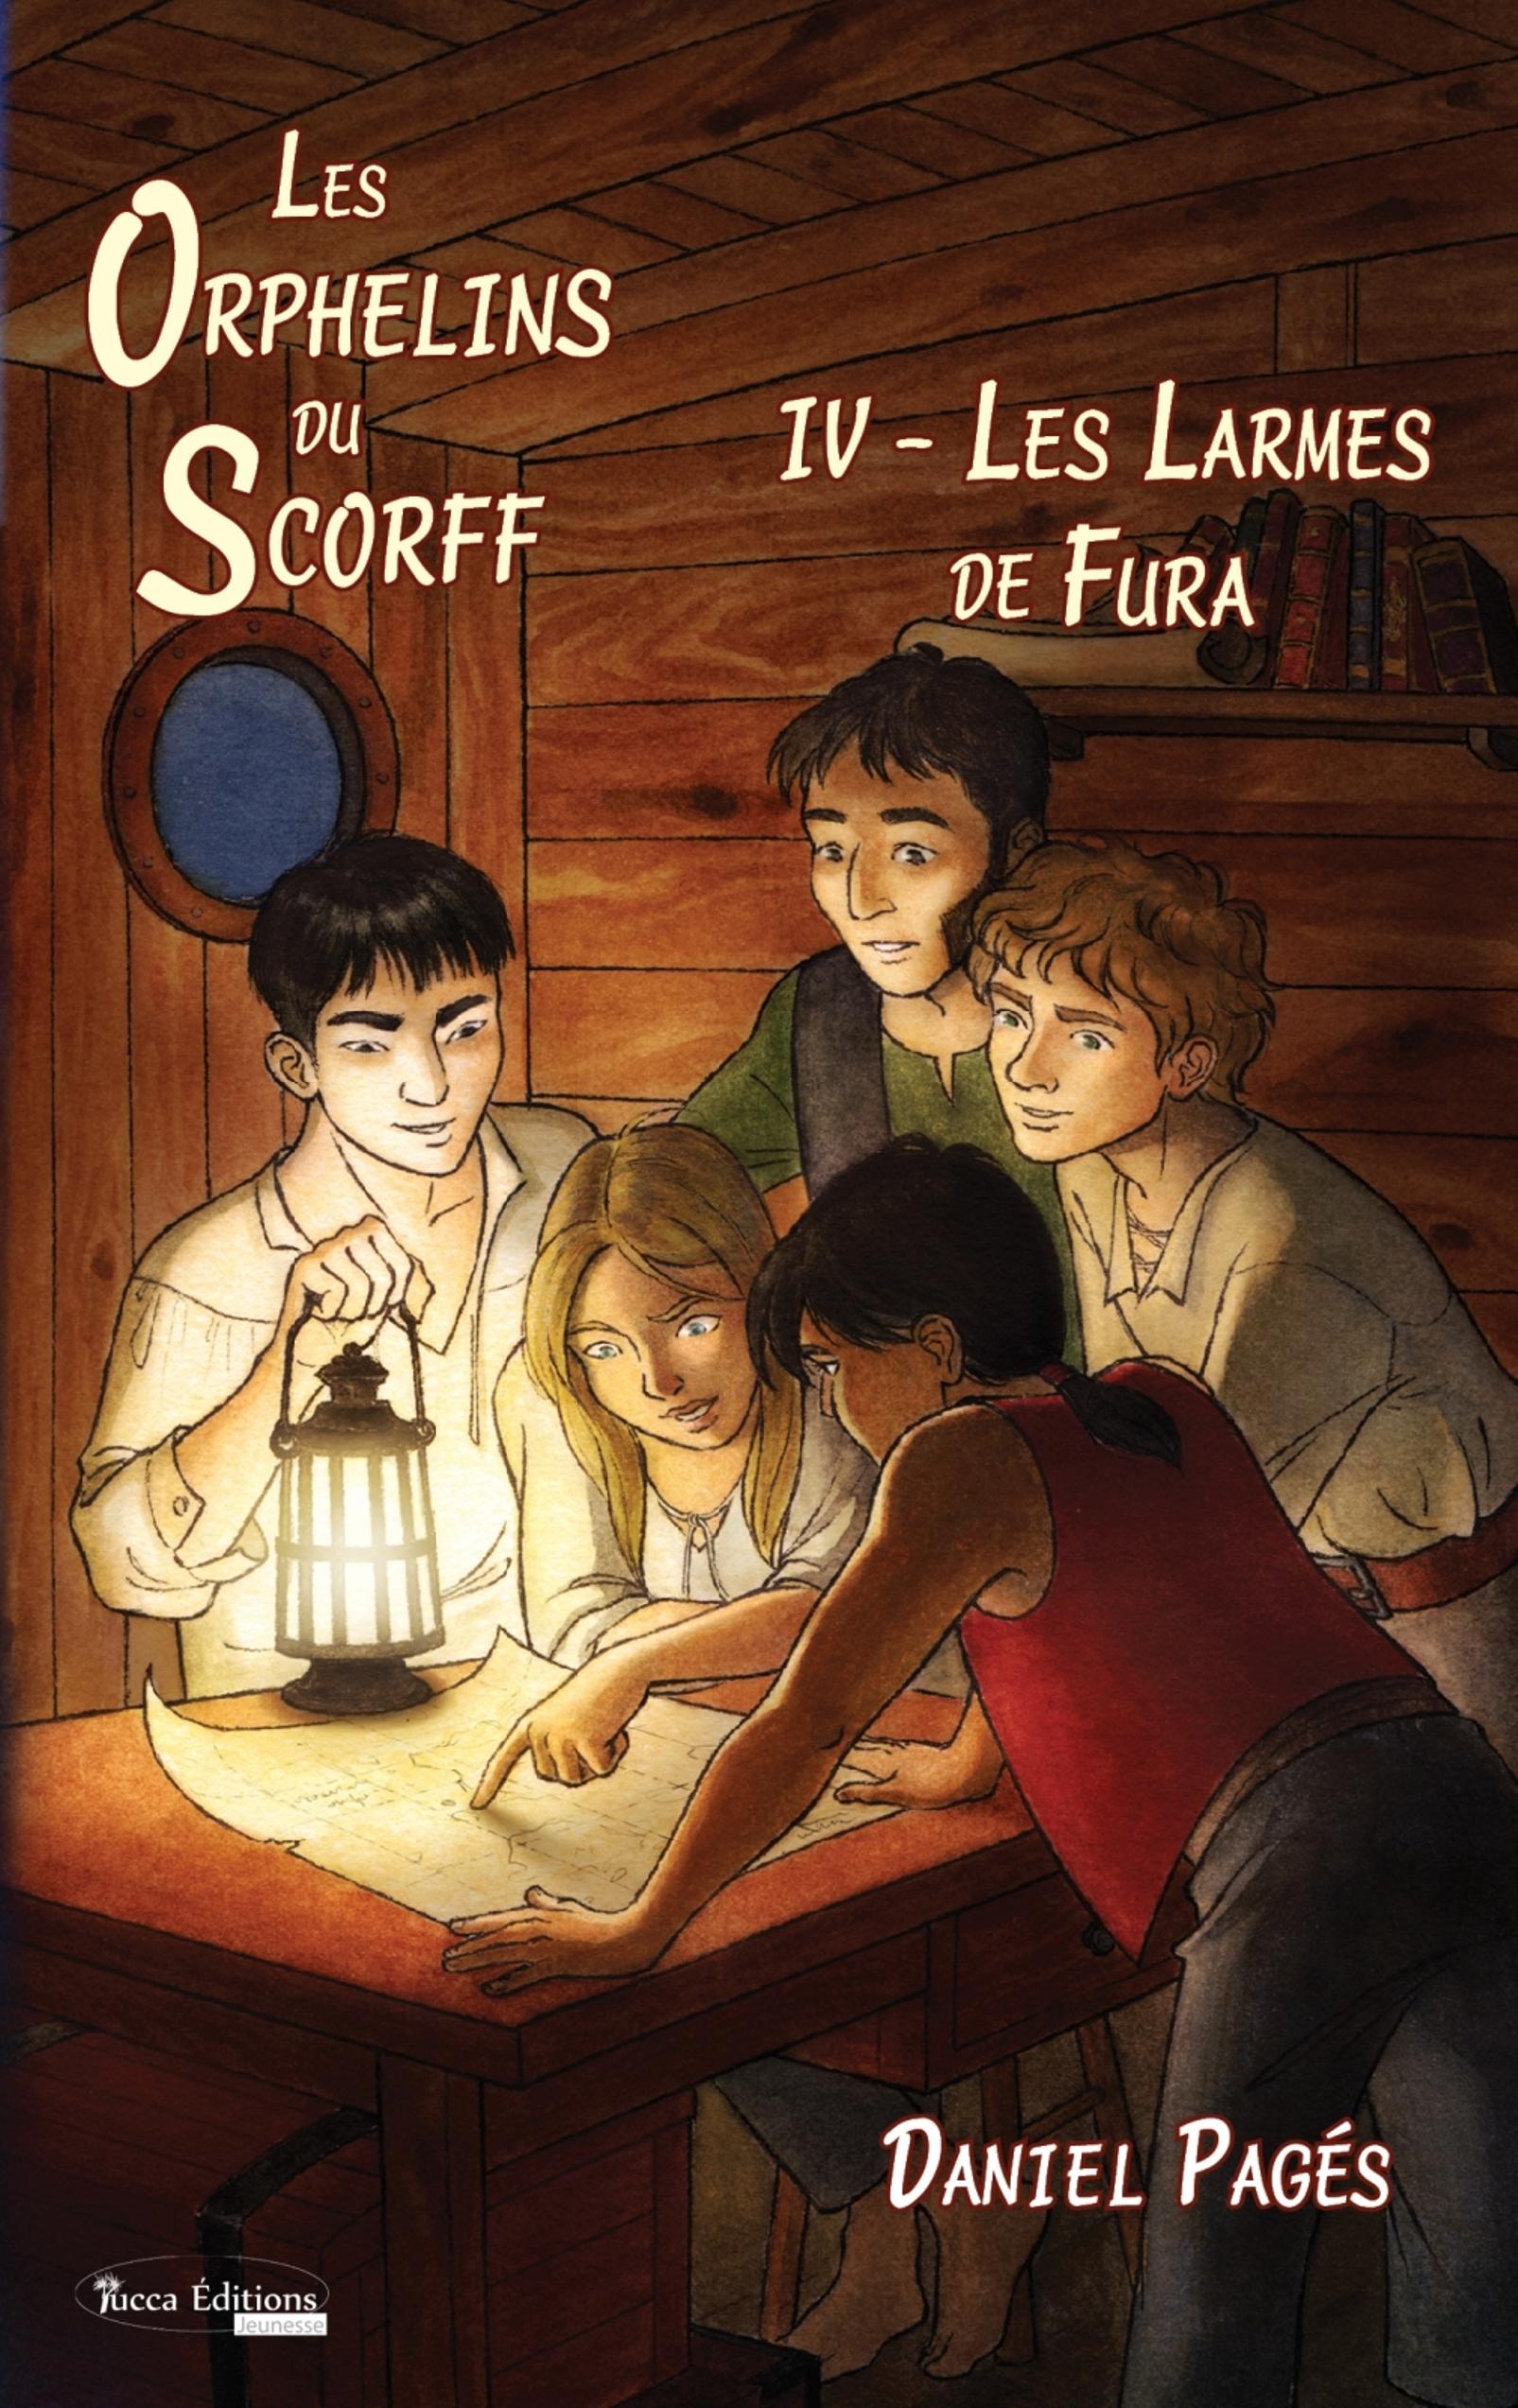 Les larmes de Fura, Roman d'aventures jeunesse